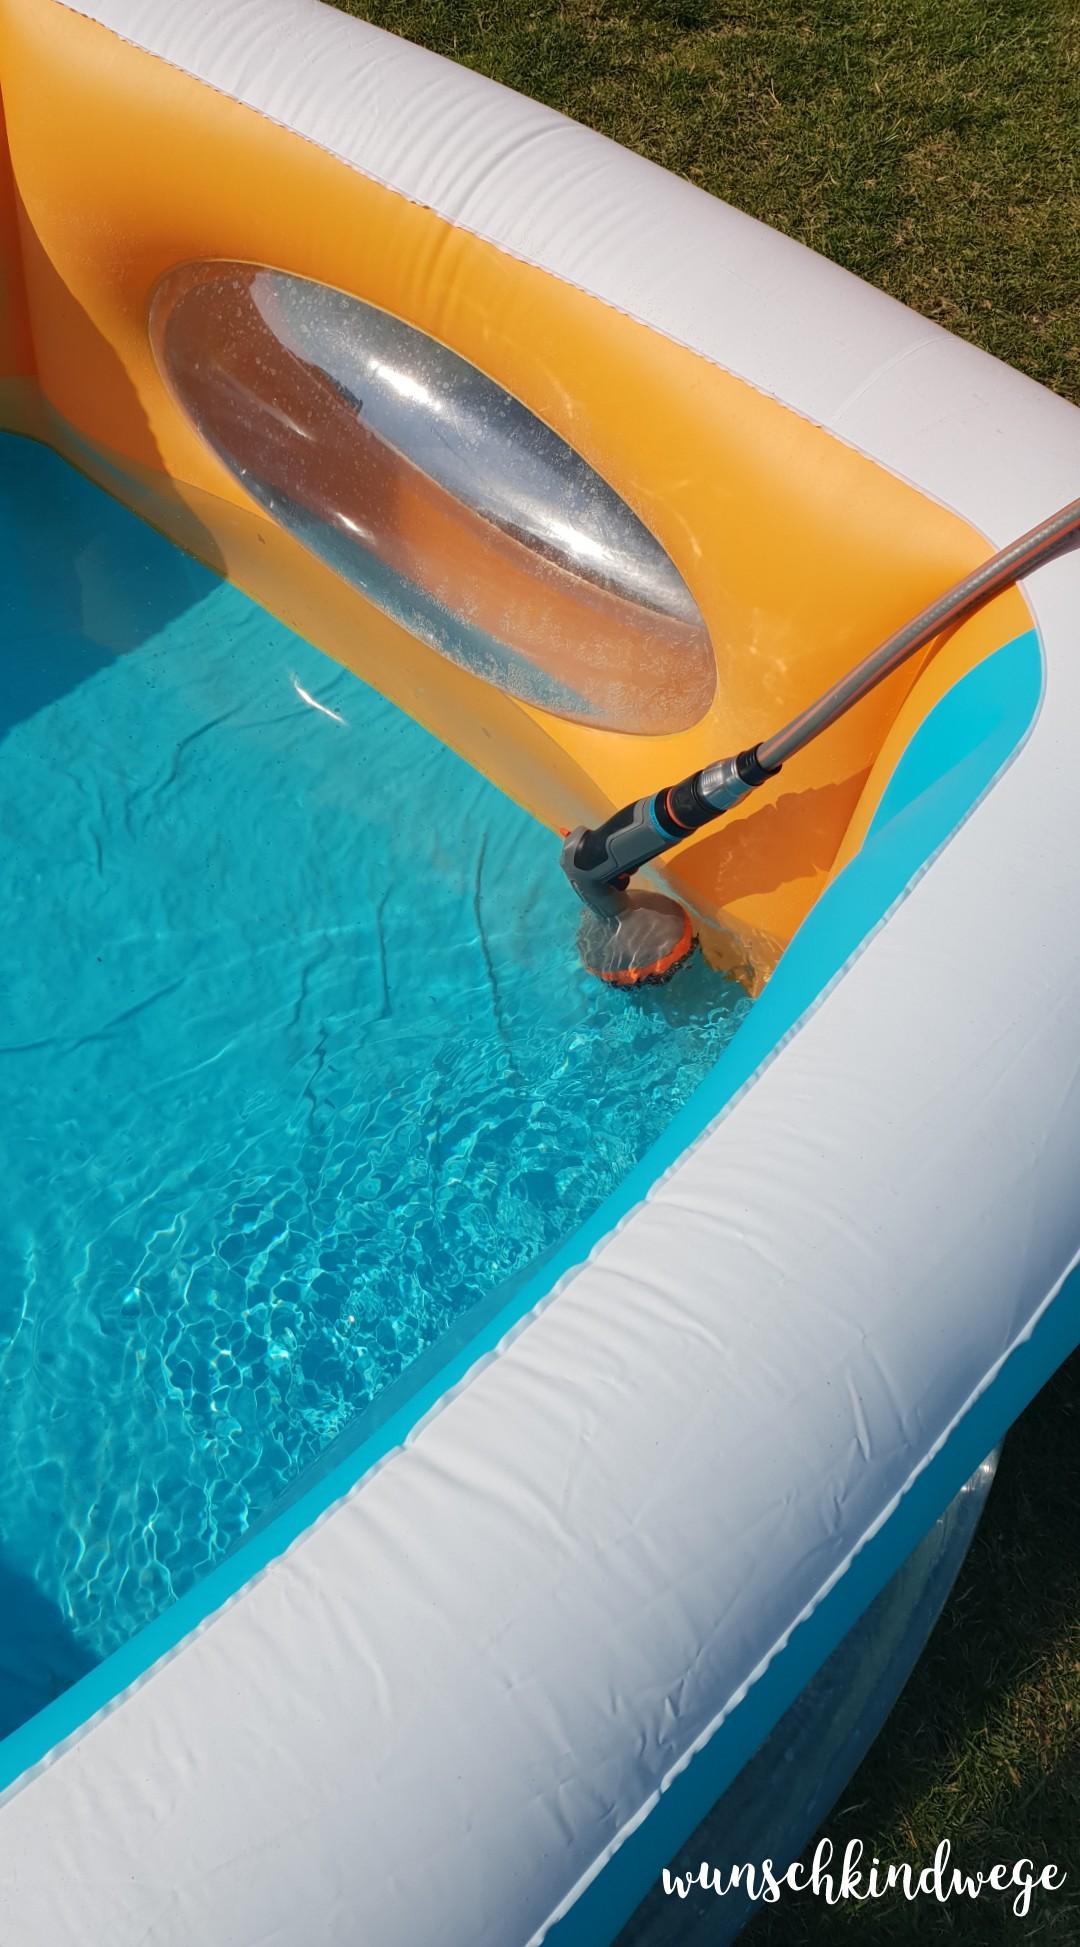 WMDEDGT Schwimmbecken